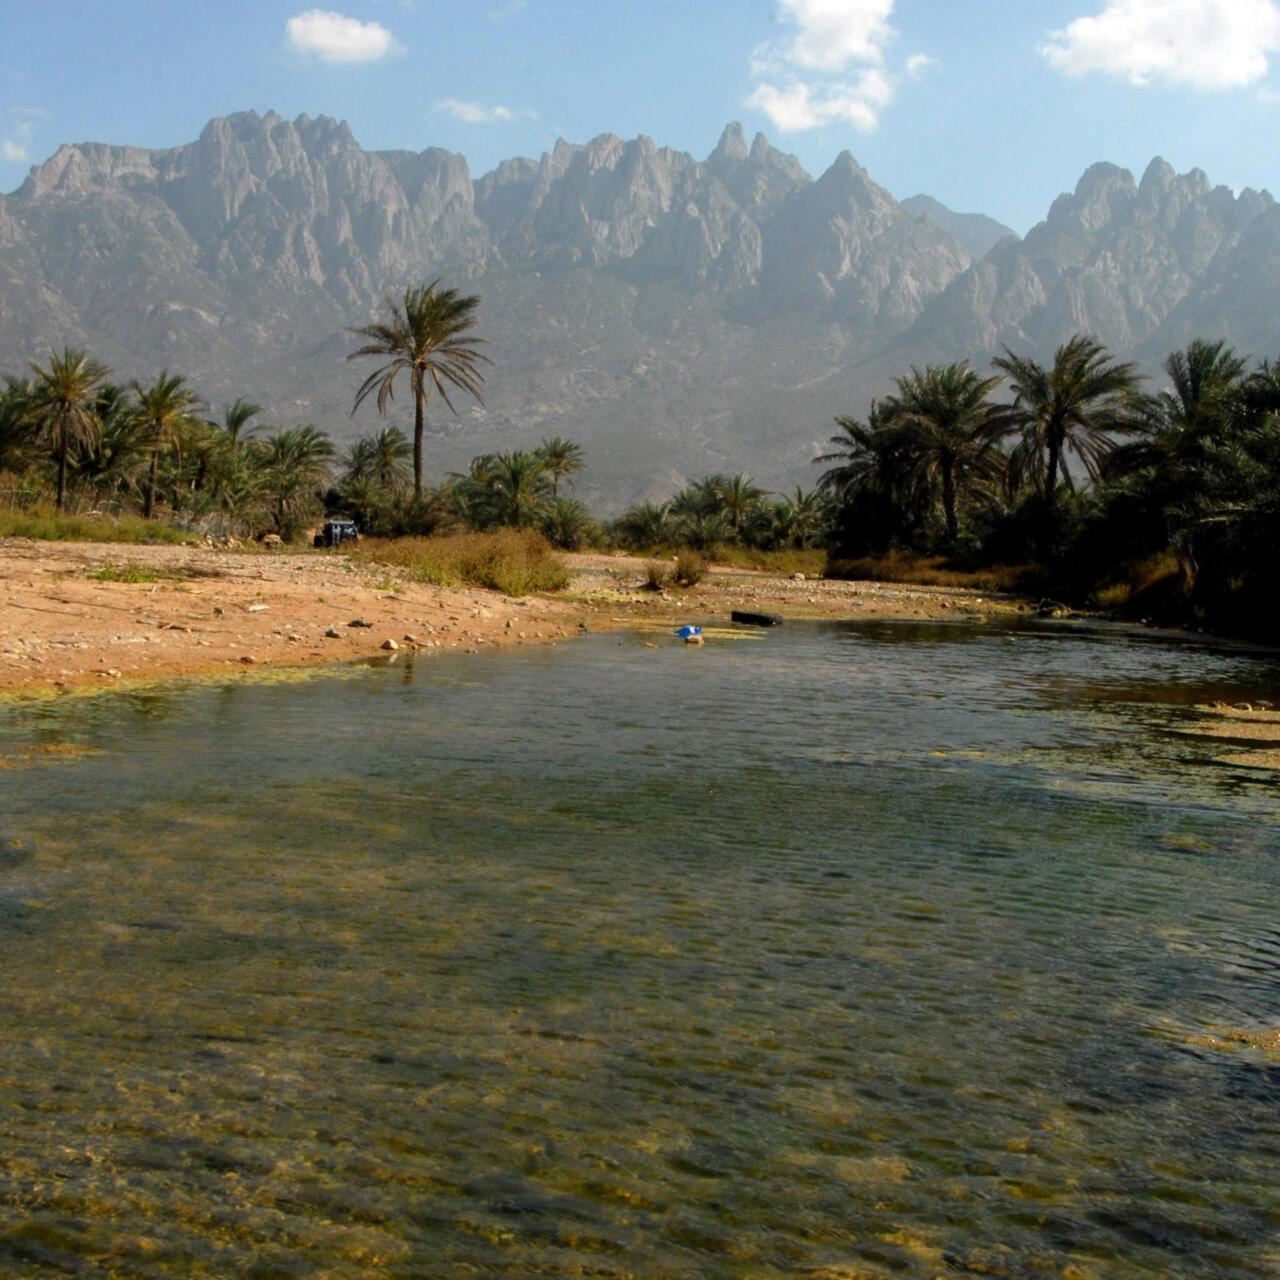 سقطرى من موقع أثري وبيئي متميز عالميا إلى غنيمة حرب